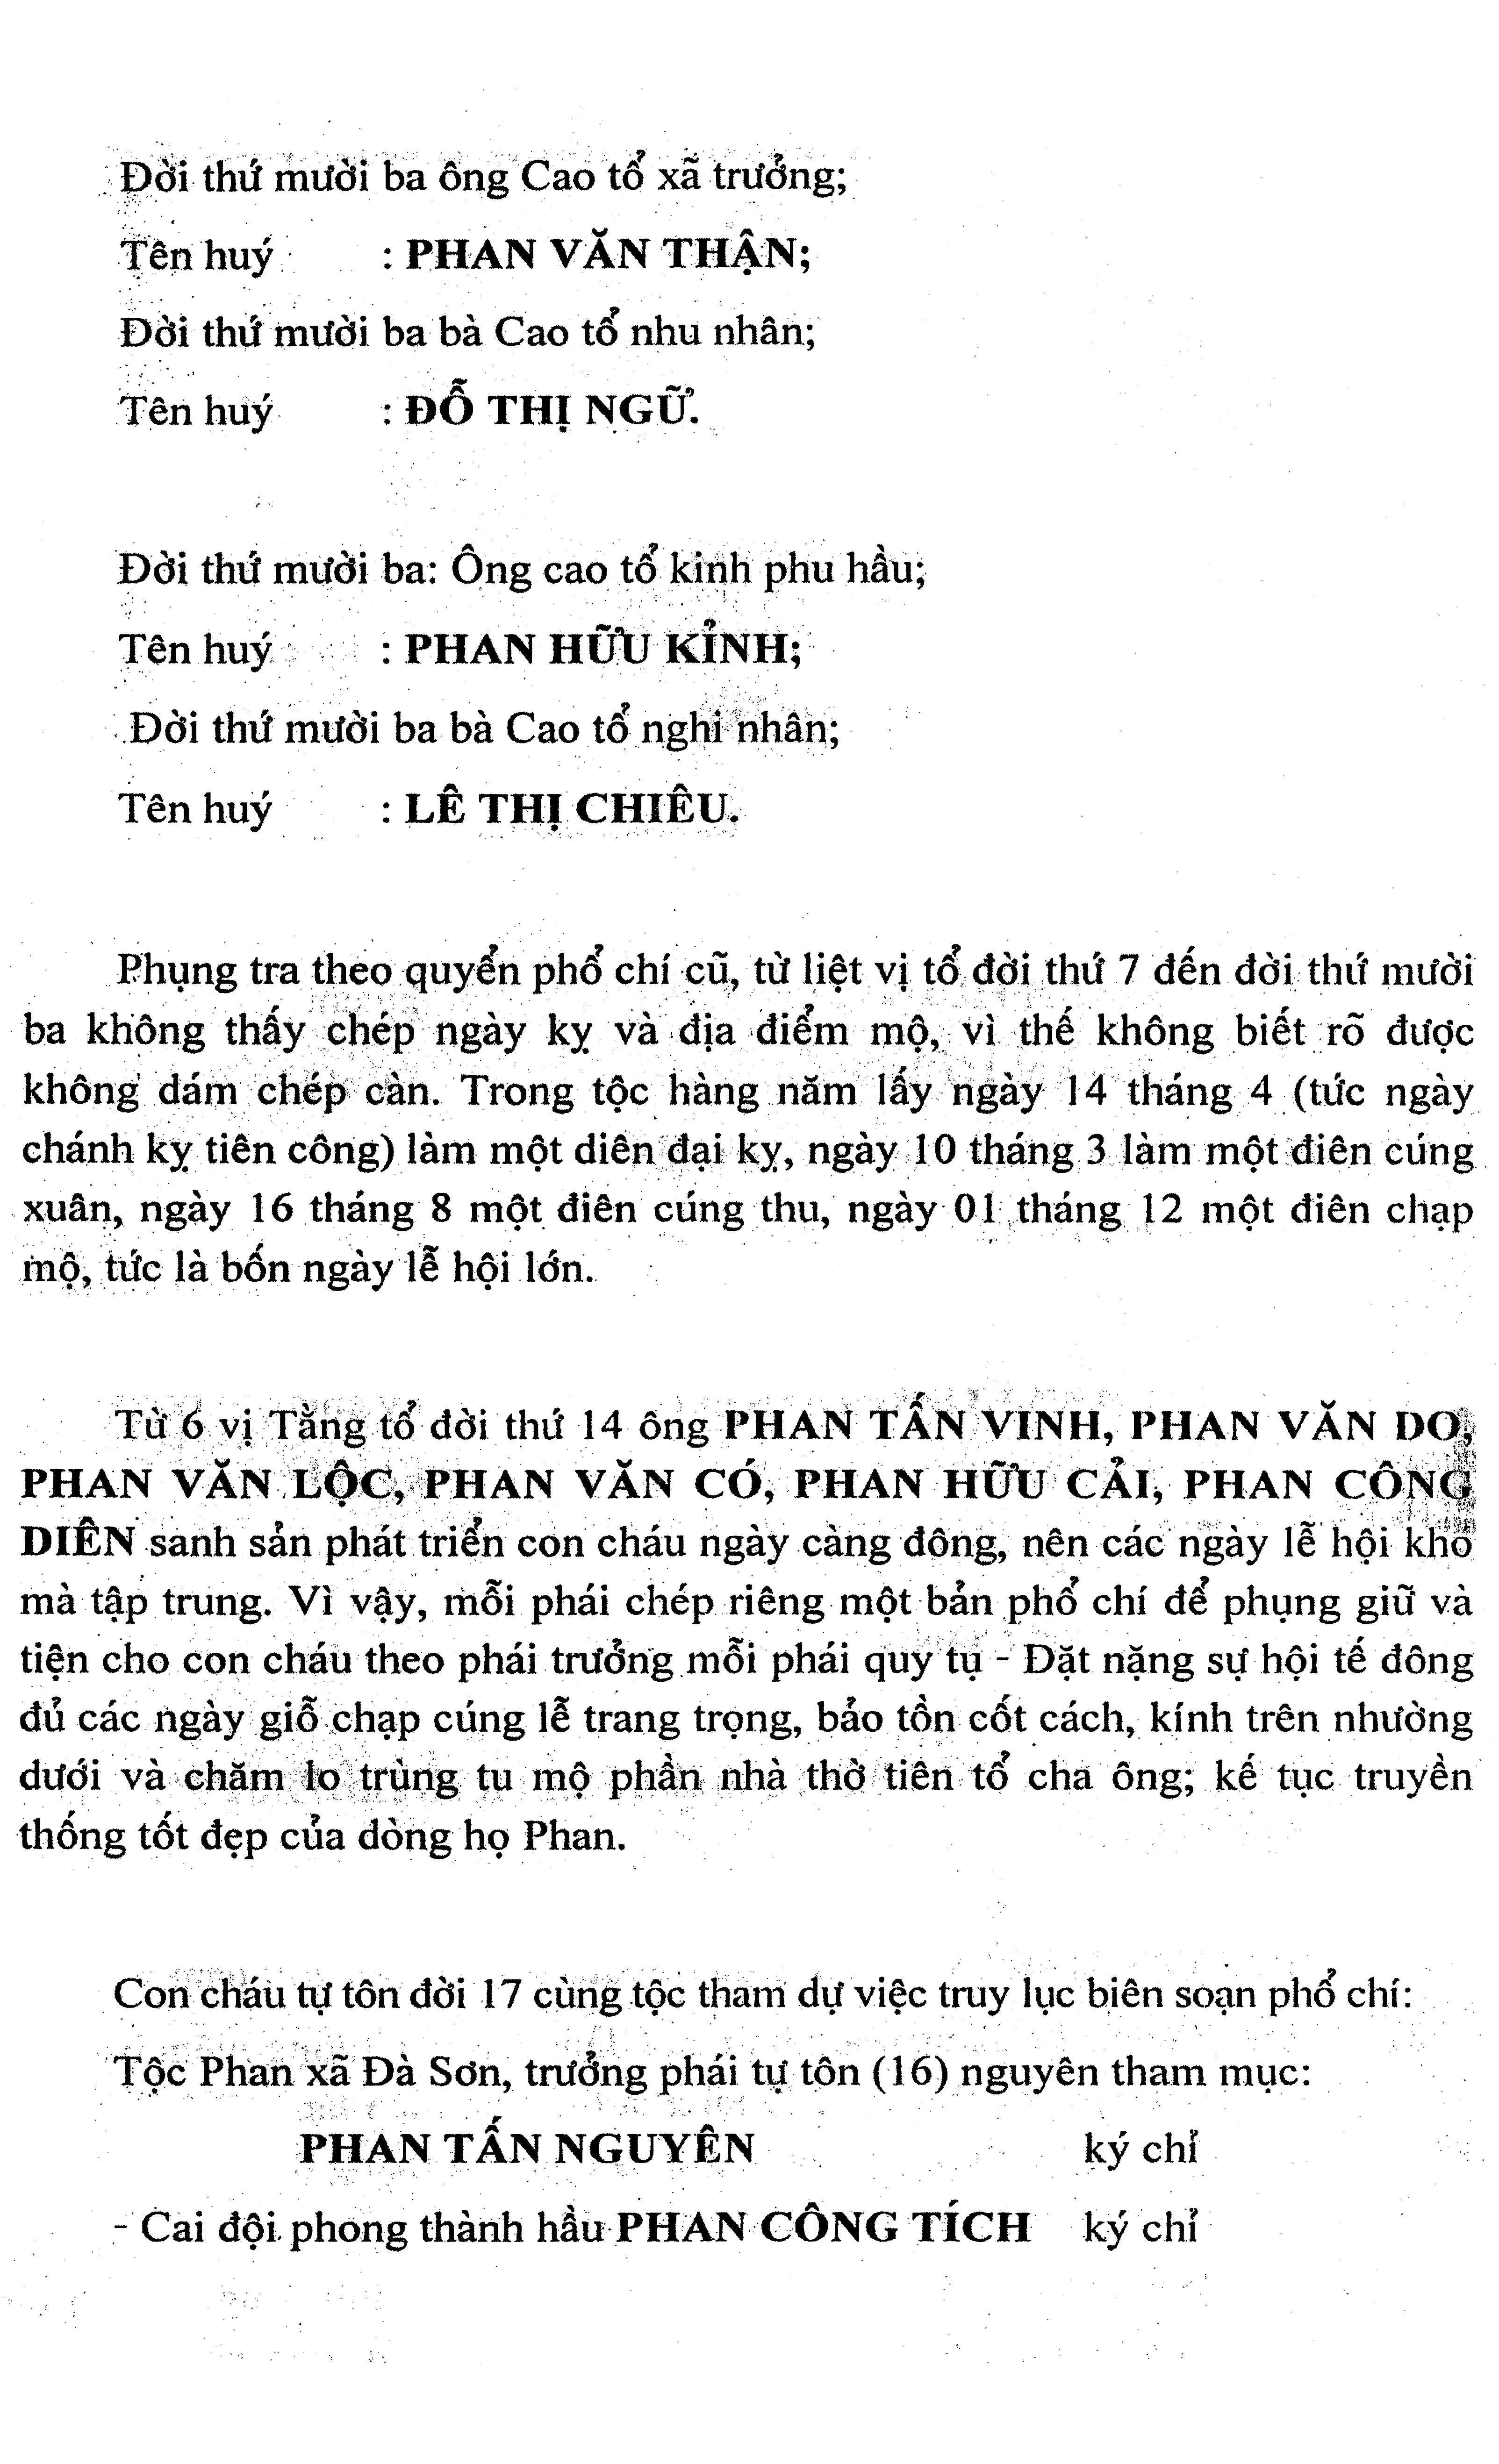 Phan tộc phổ chí Đà Sơn - Đà Ly nhị xã 219